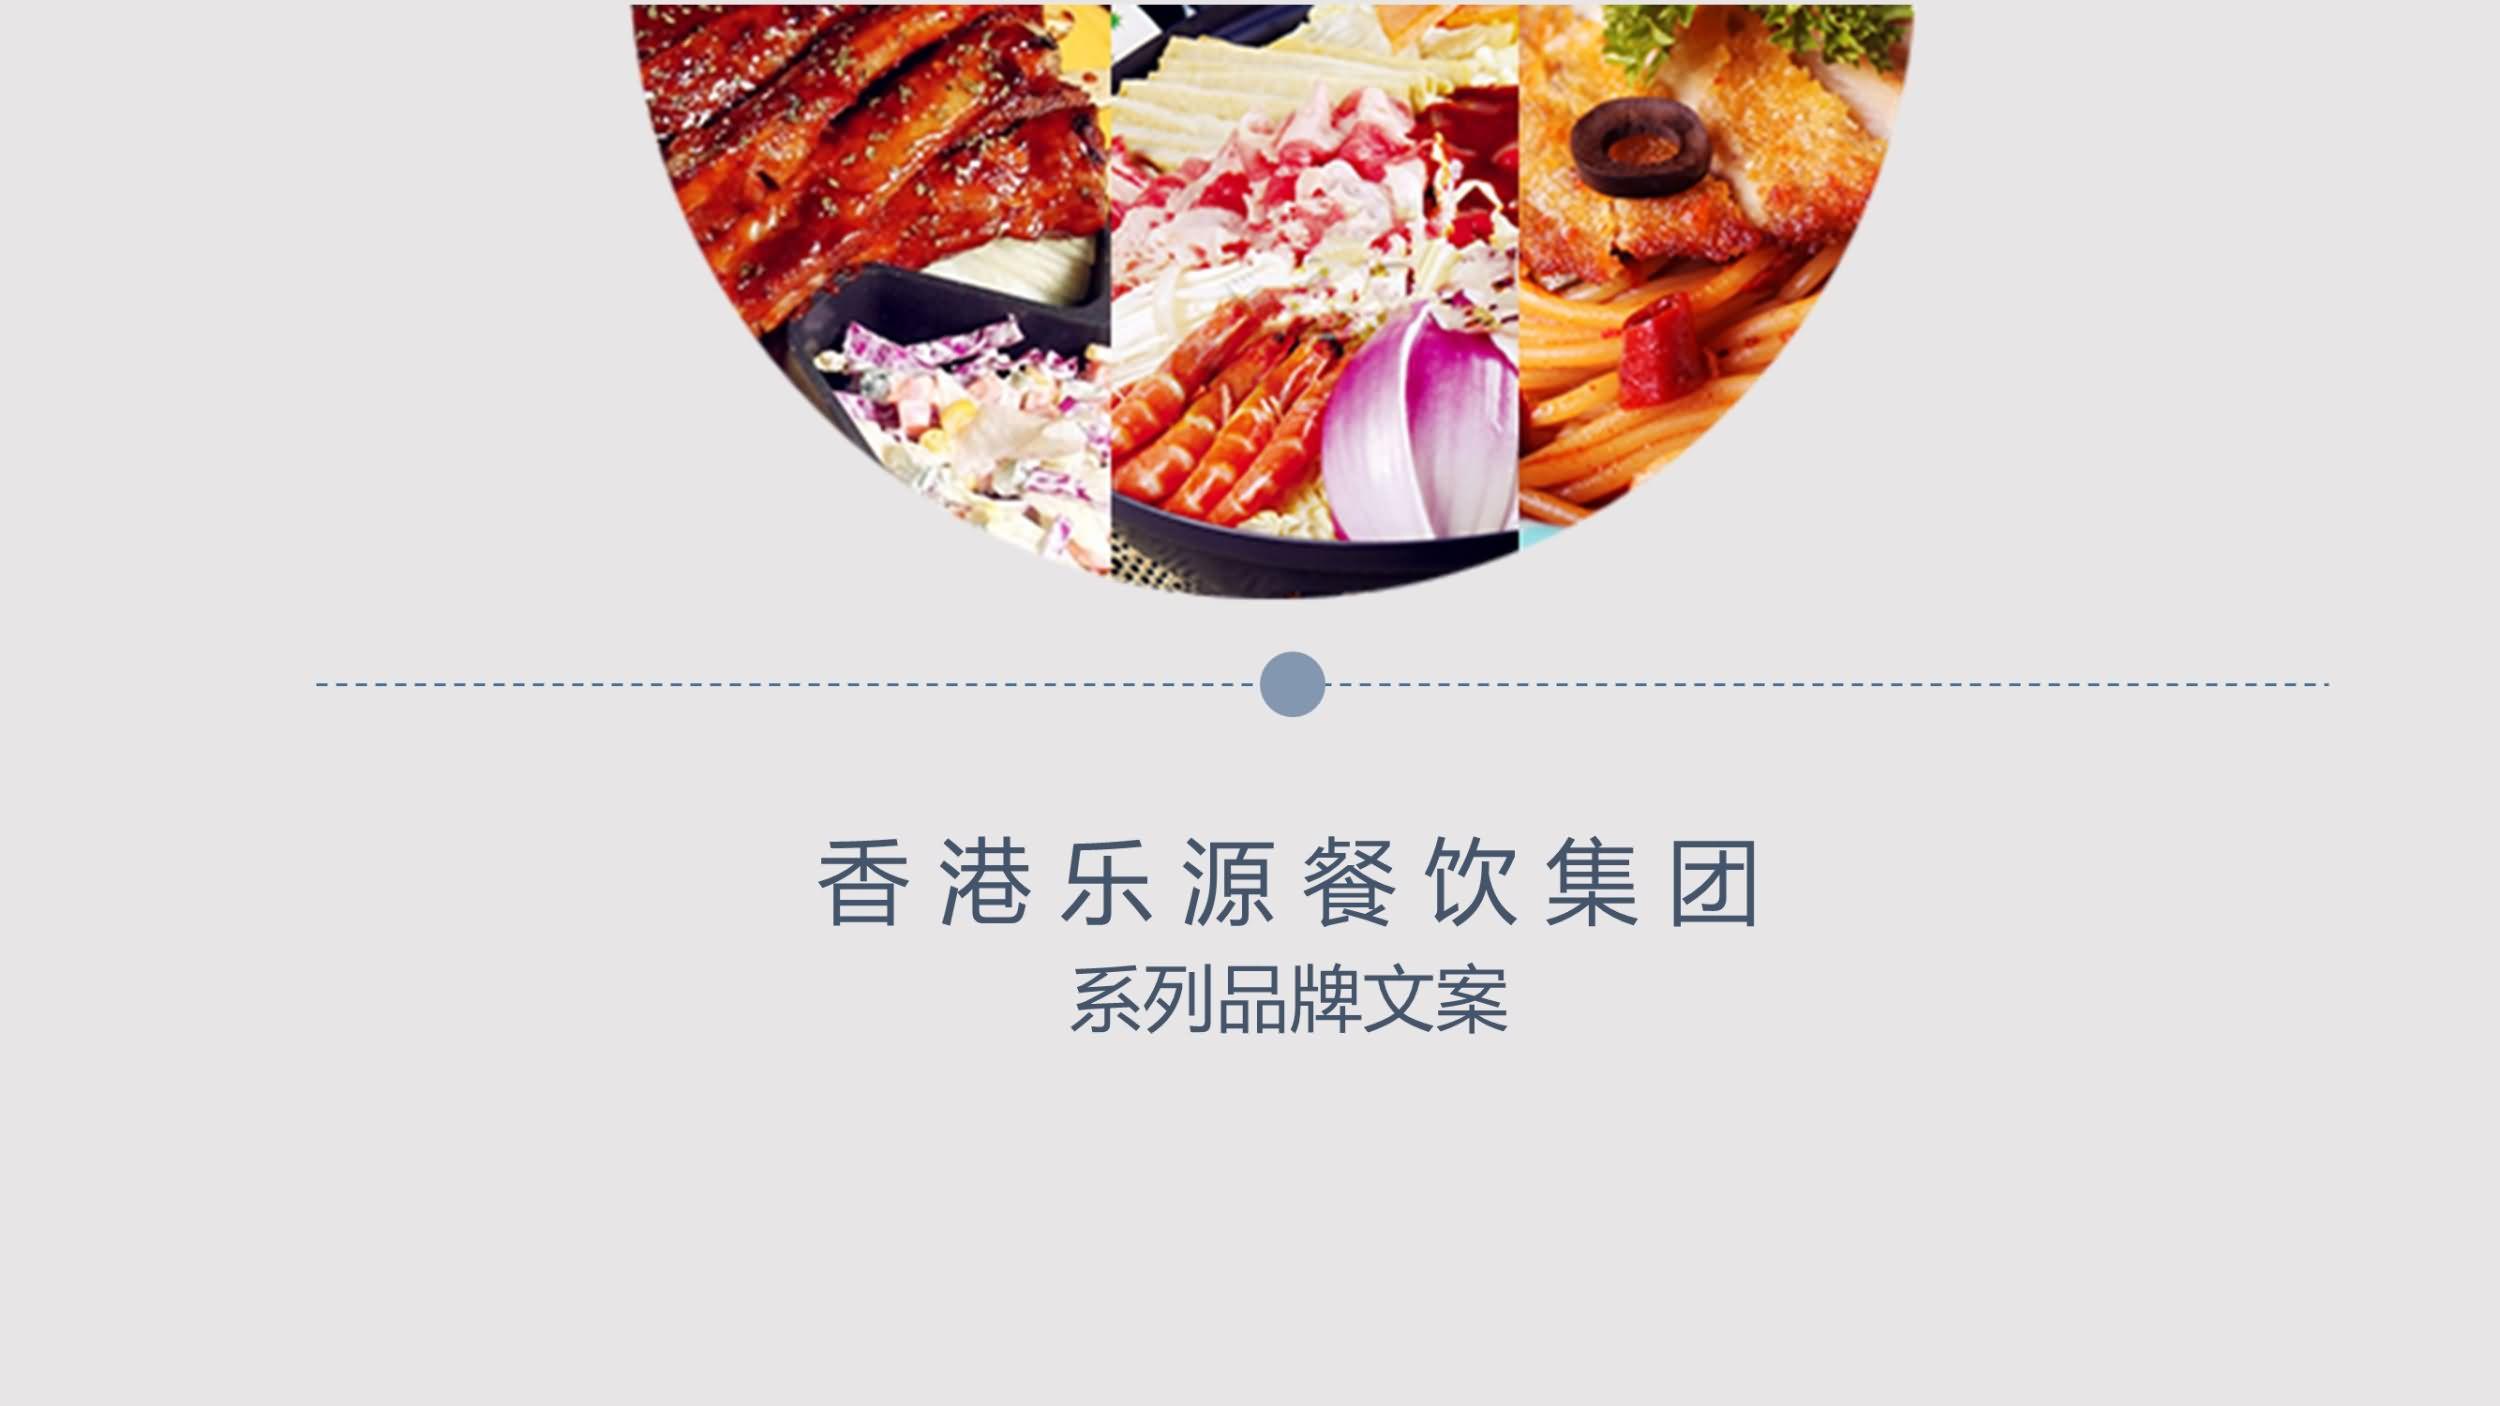 香港樂源餐飲集團有限公司1